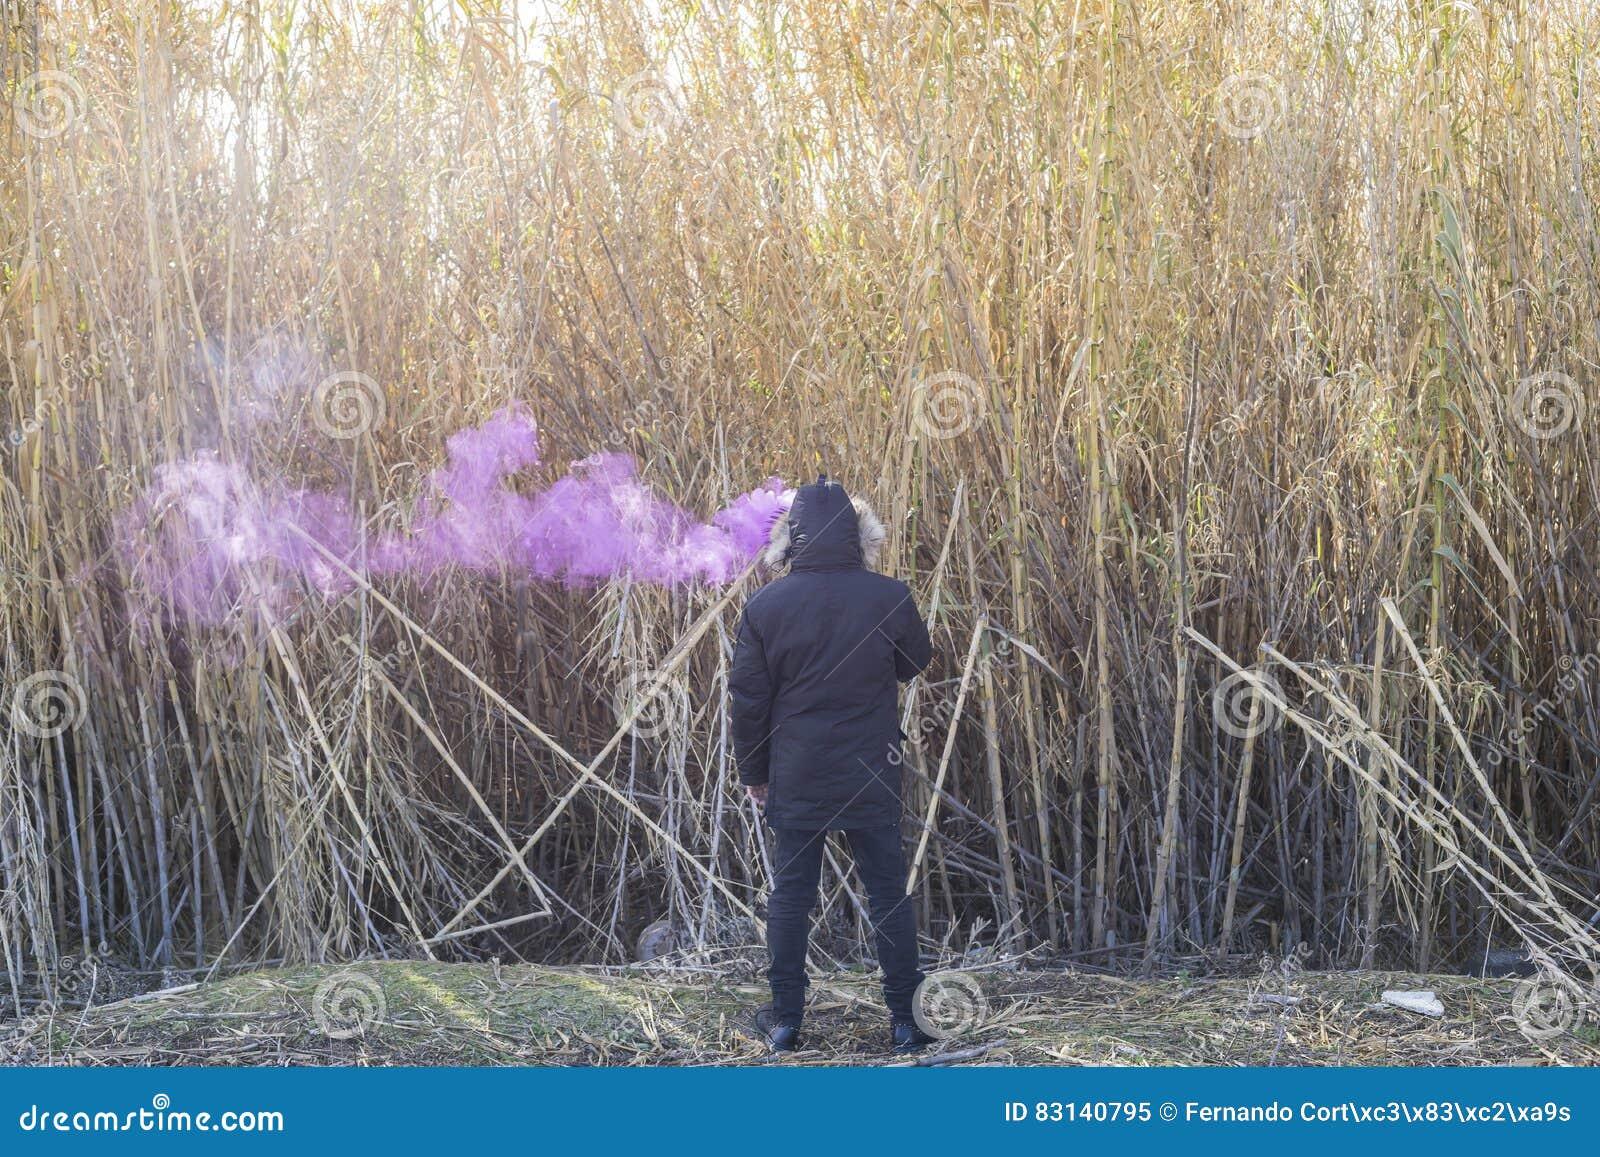 Sostanza tossica, uomo con fumo sulla sua testa in un posto solo, lon di concetto